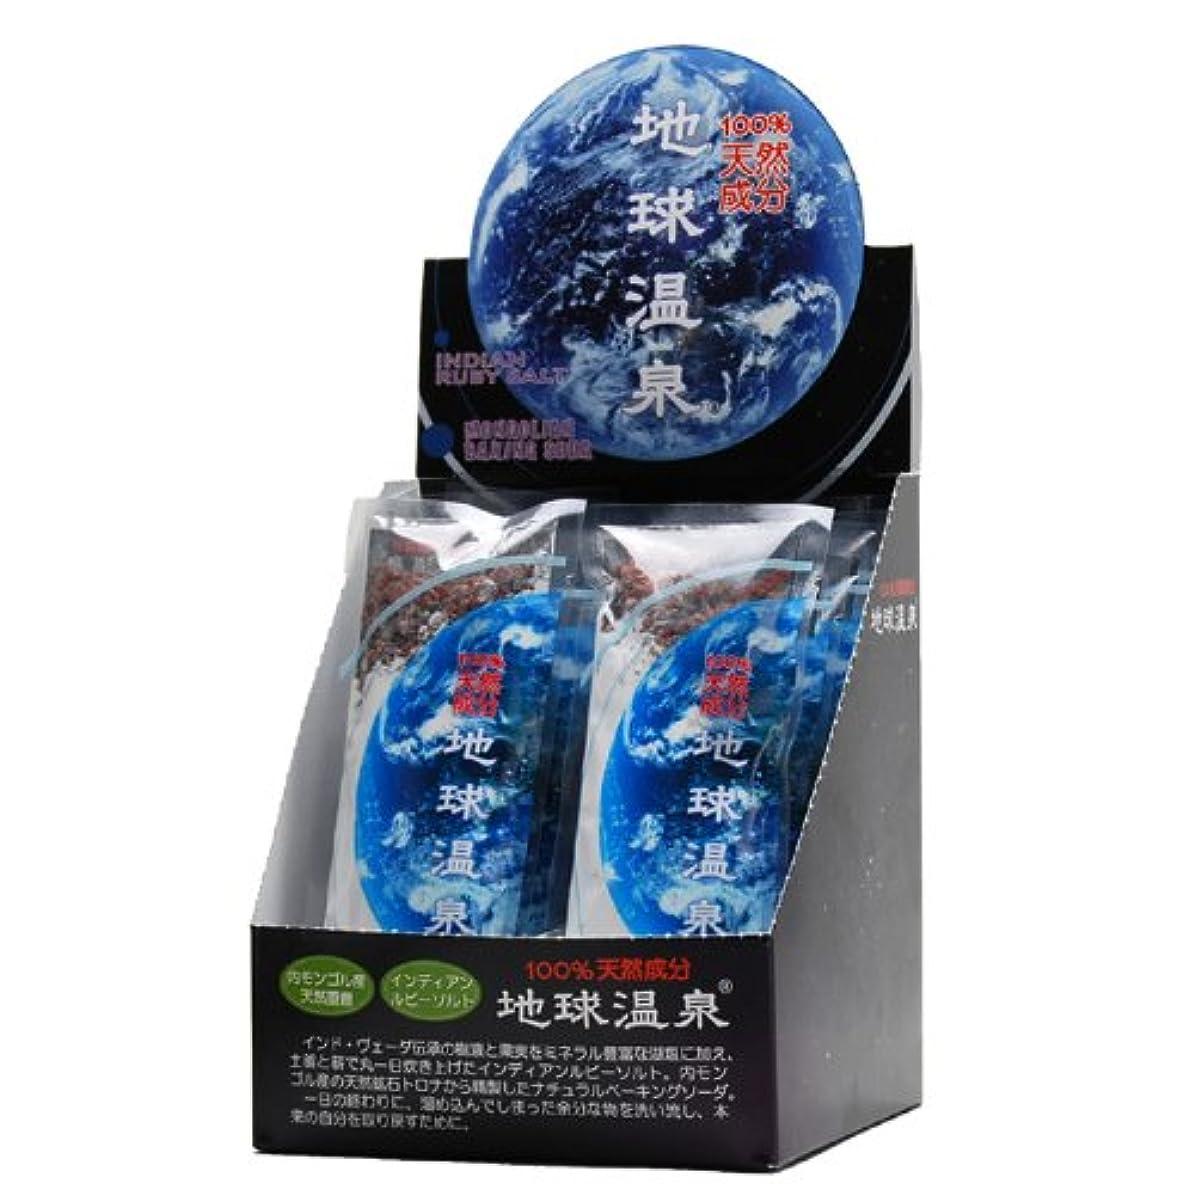 違法特許キャプテンブライ地球温泉一包タイプ×12袋入りスペシャルボックス